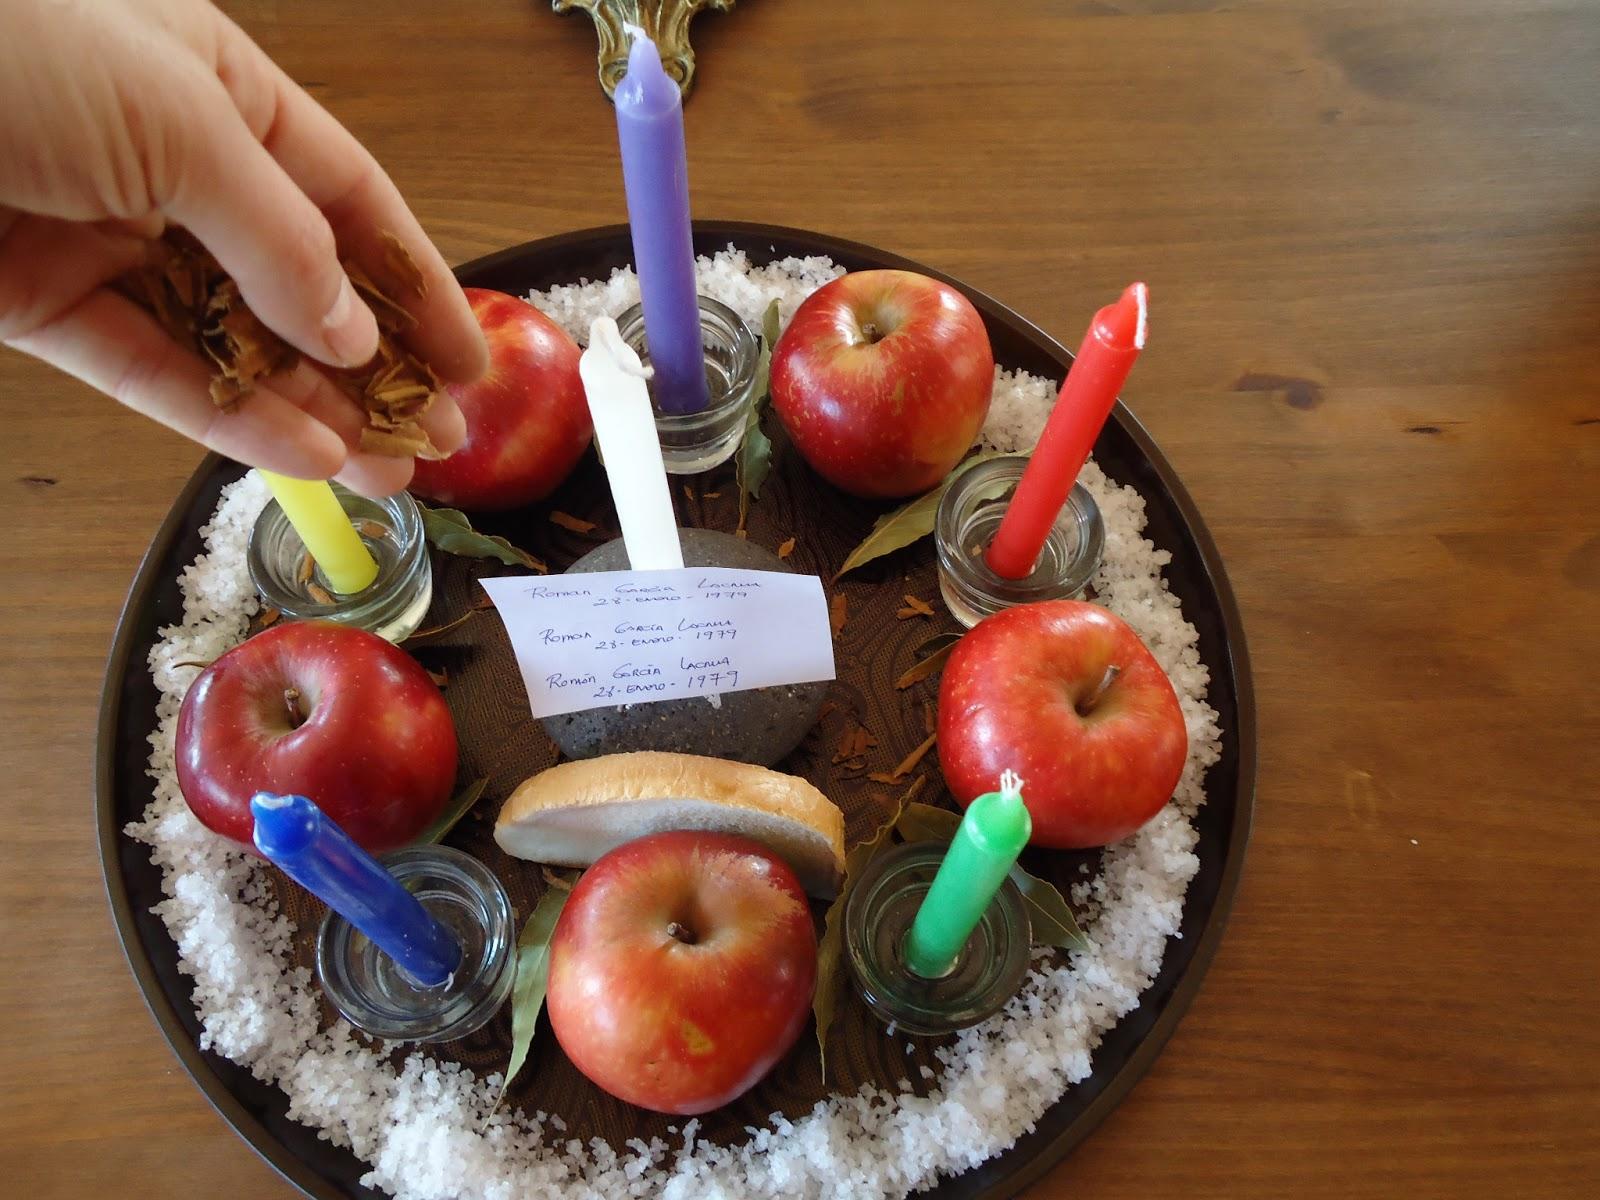 El brujo shiva ritual para el d a de tu cumplea os - Romper un plato trae mala suerte ...